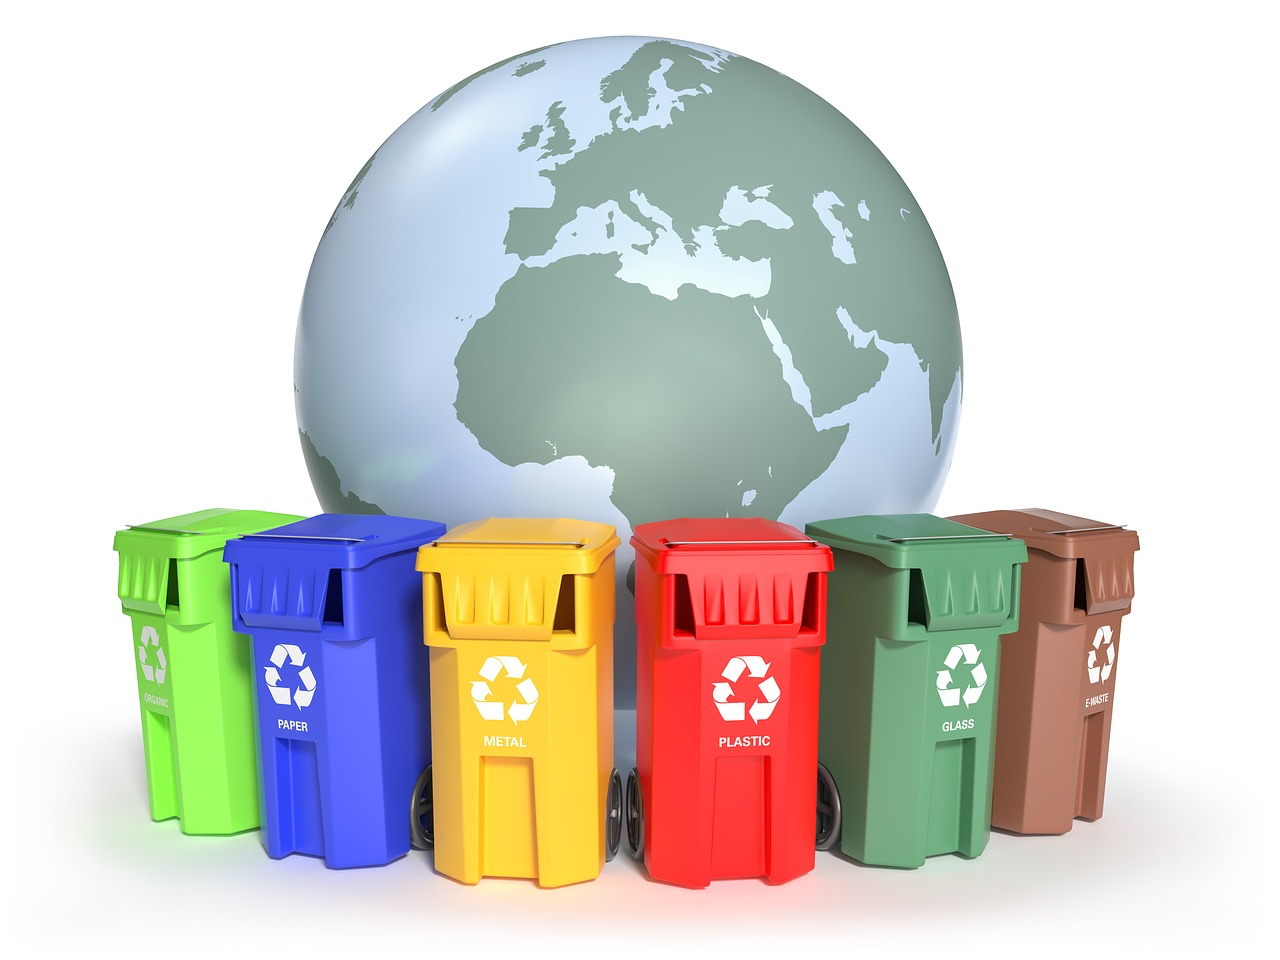 Müllumladestation in Nettetal West – Statement von Guido Gahlings